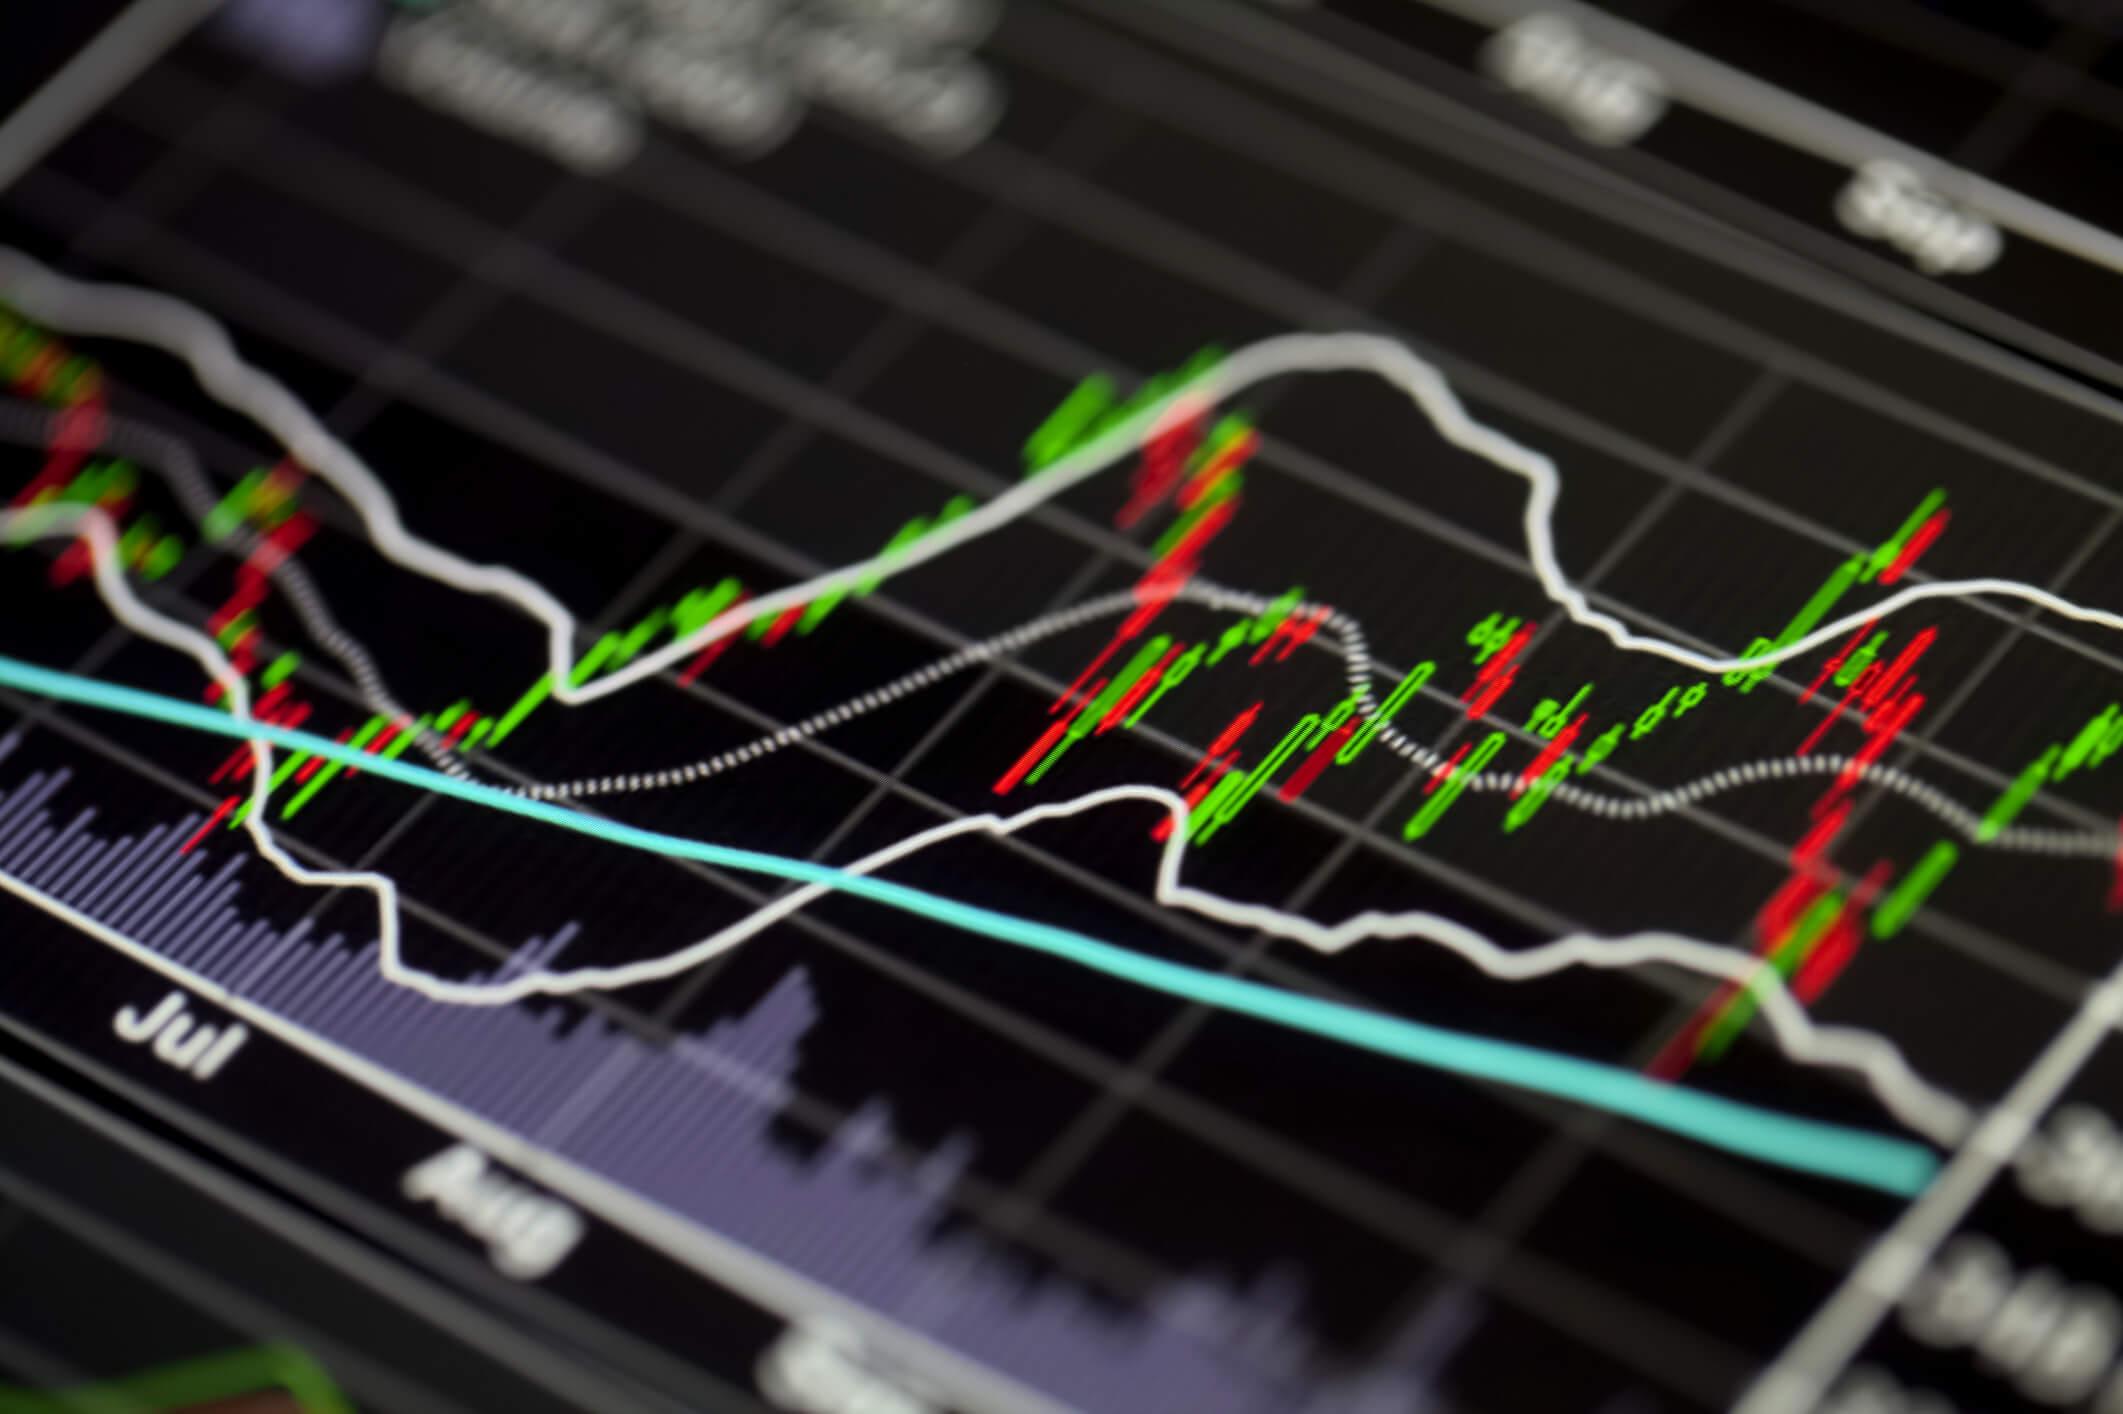 Opcijas - riska sadalīšanas un peļņas līdzeklis / Diena